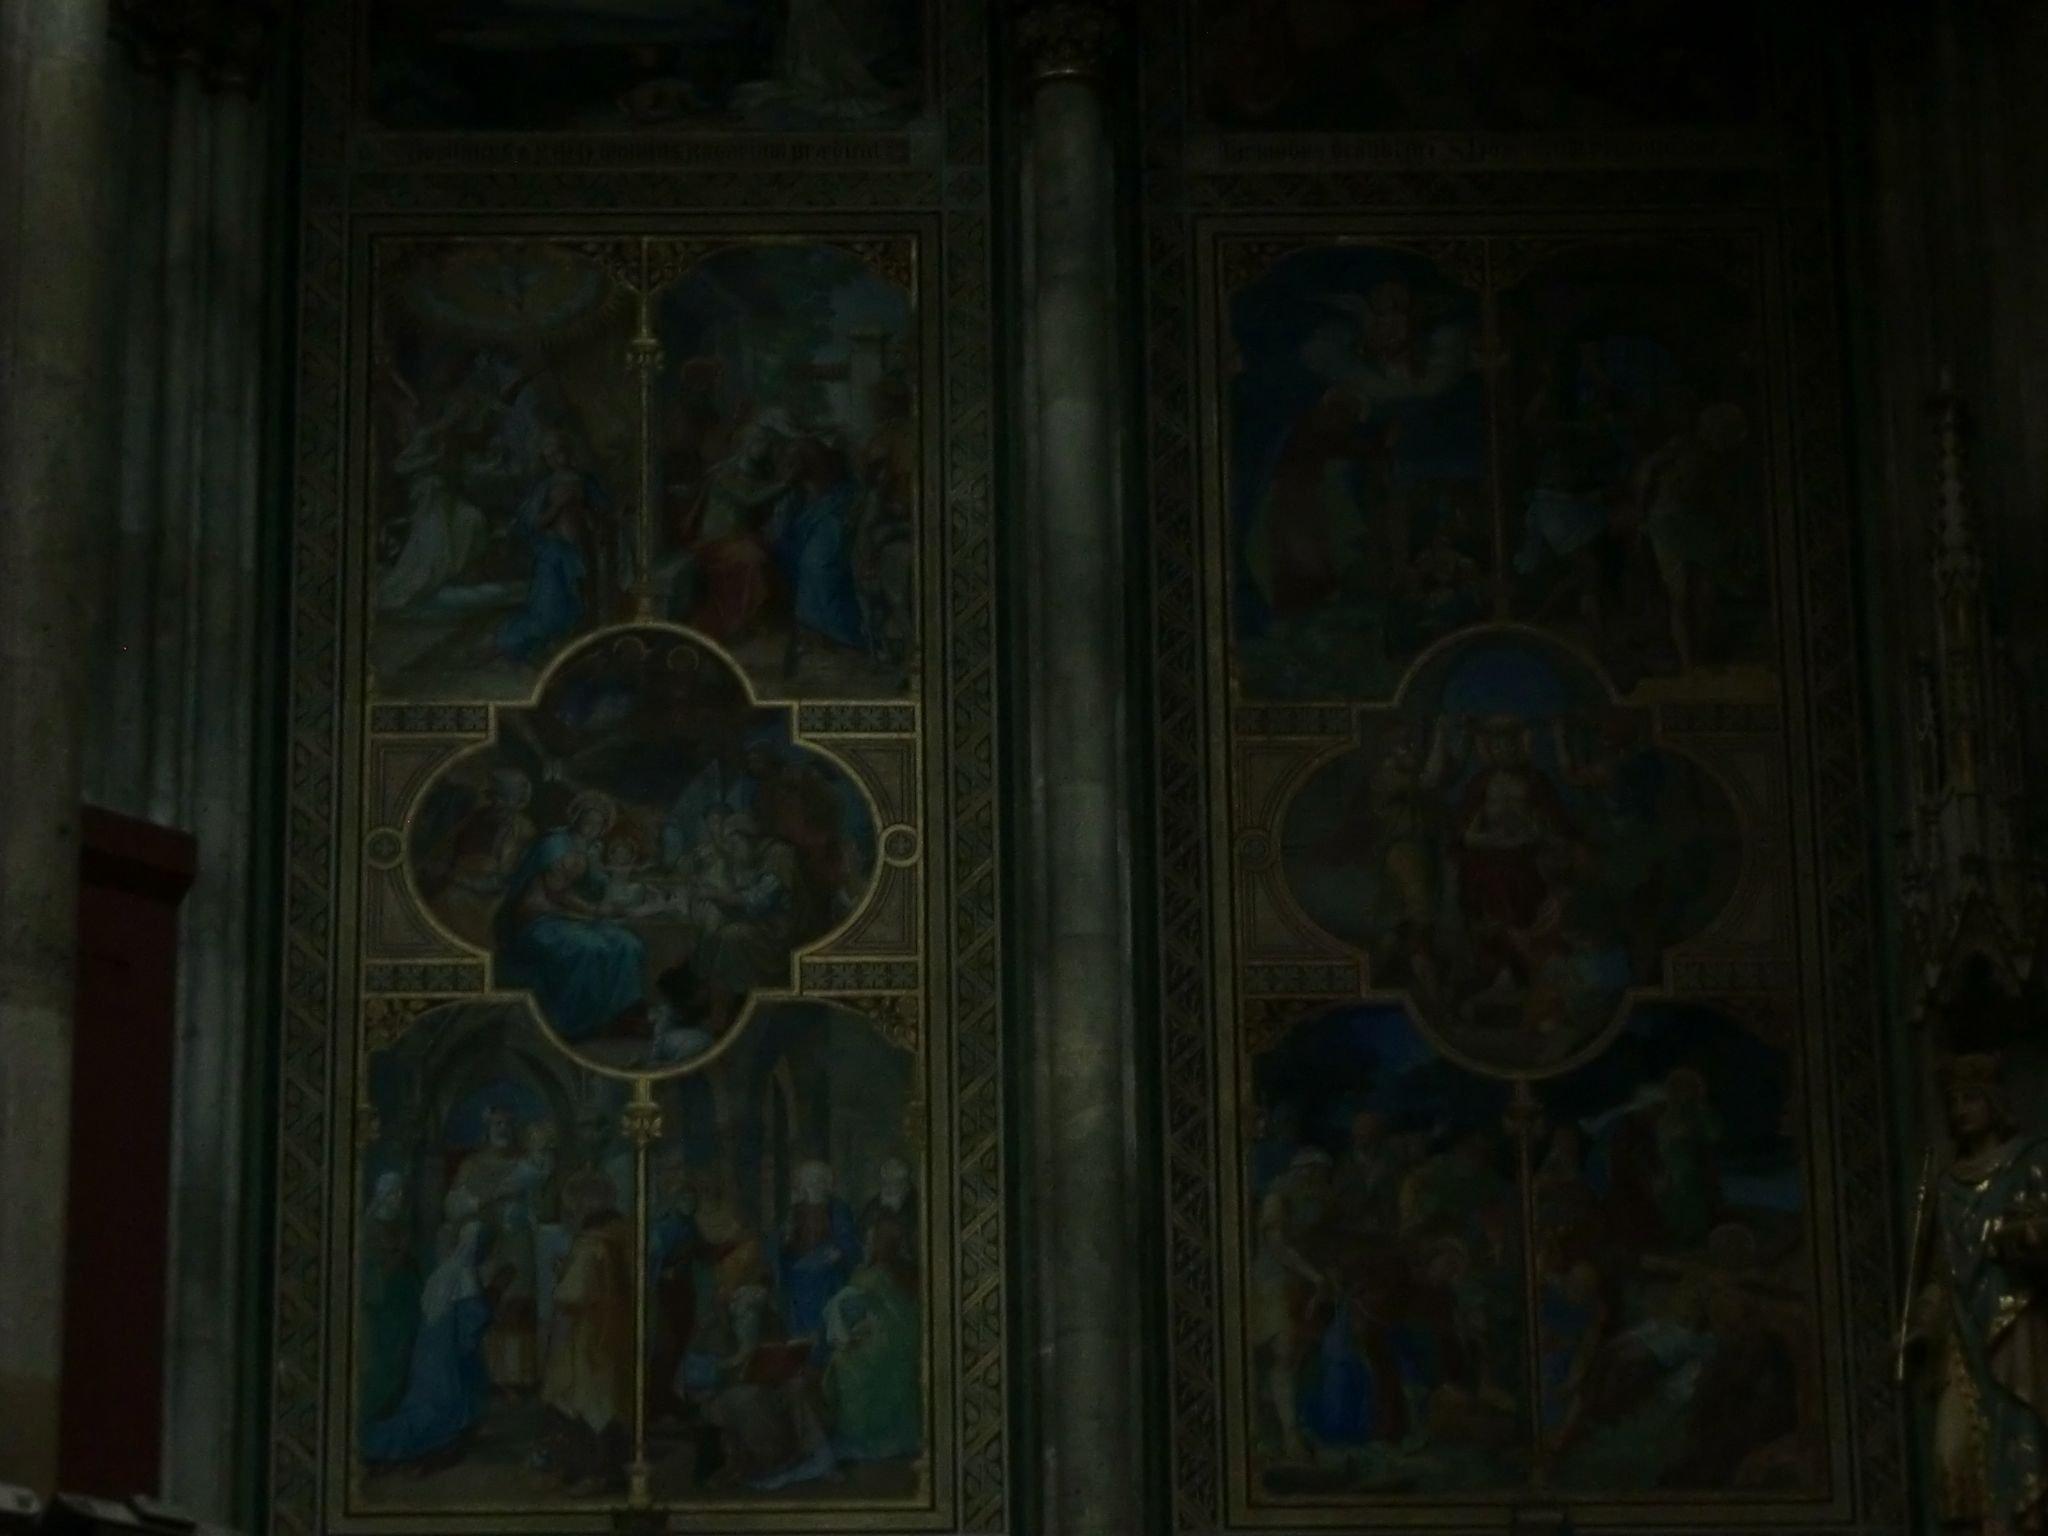 Vienna cathedral 17 1440x1080 - Vienna: elegant beauty